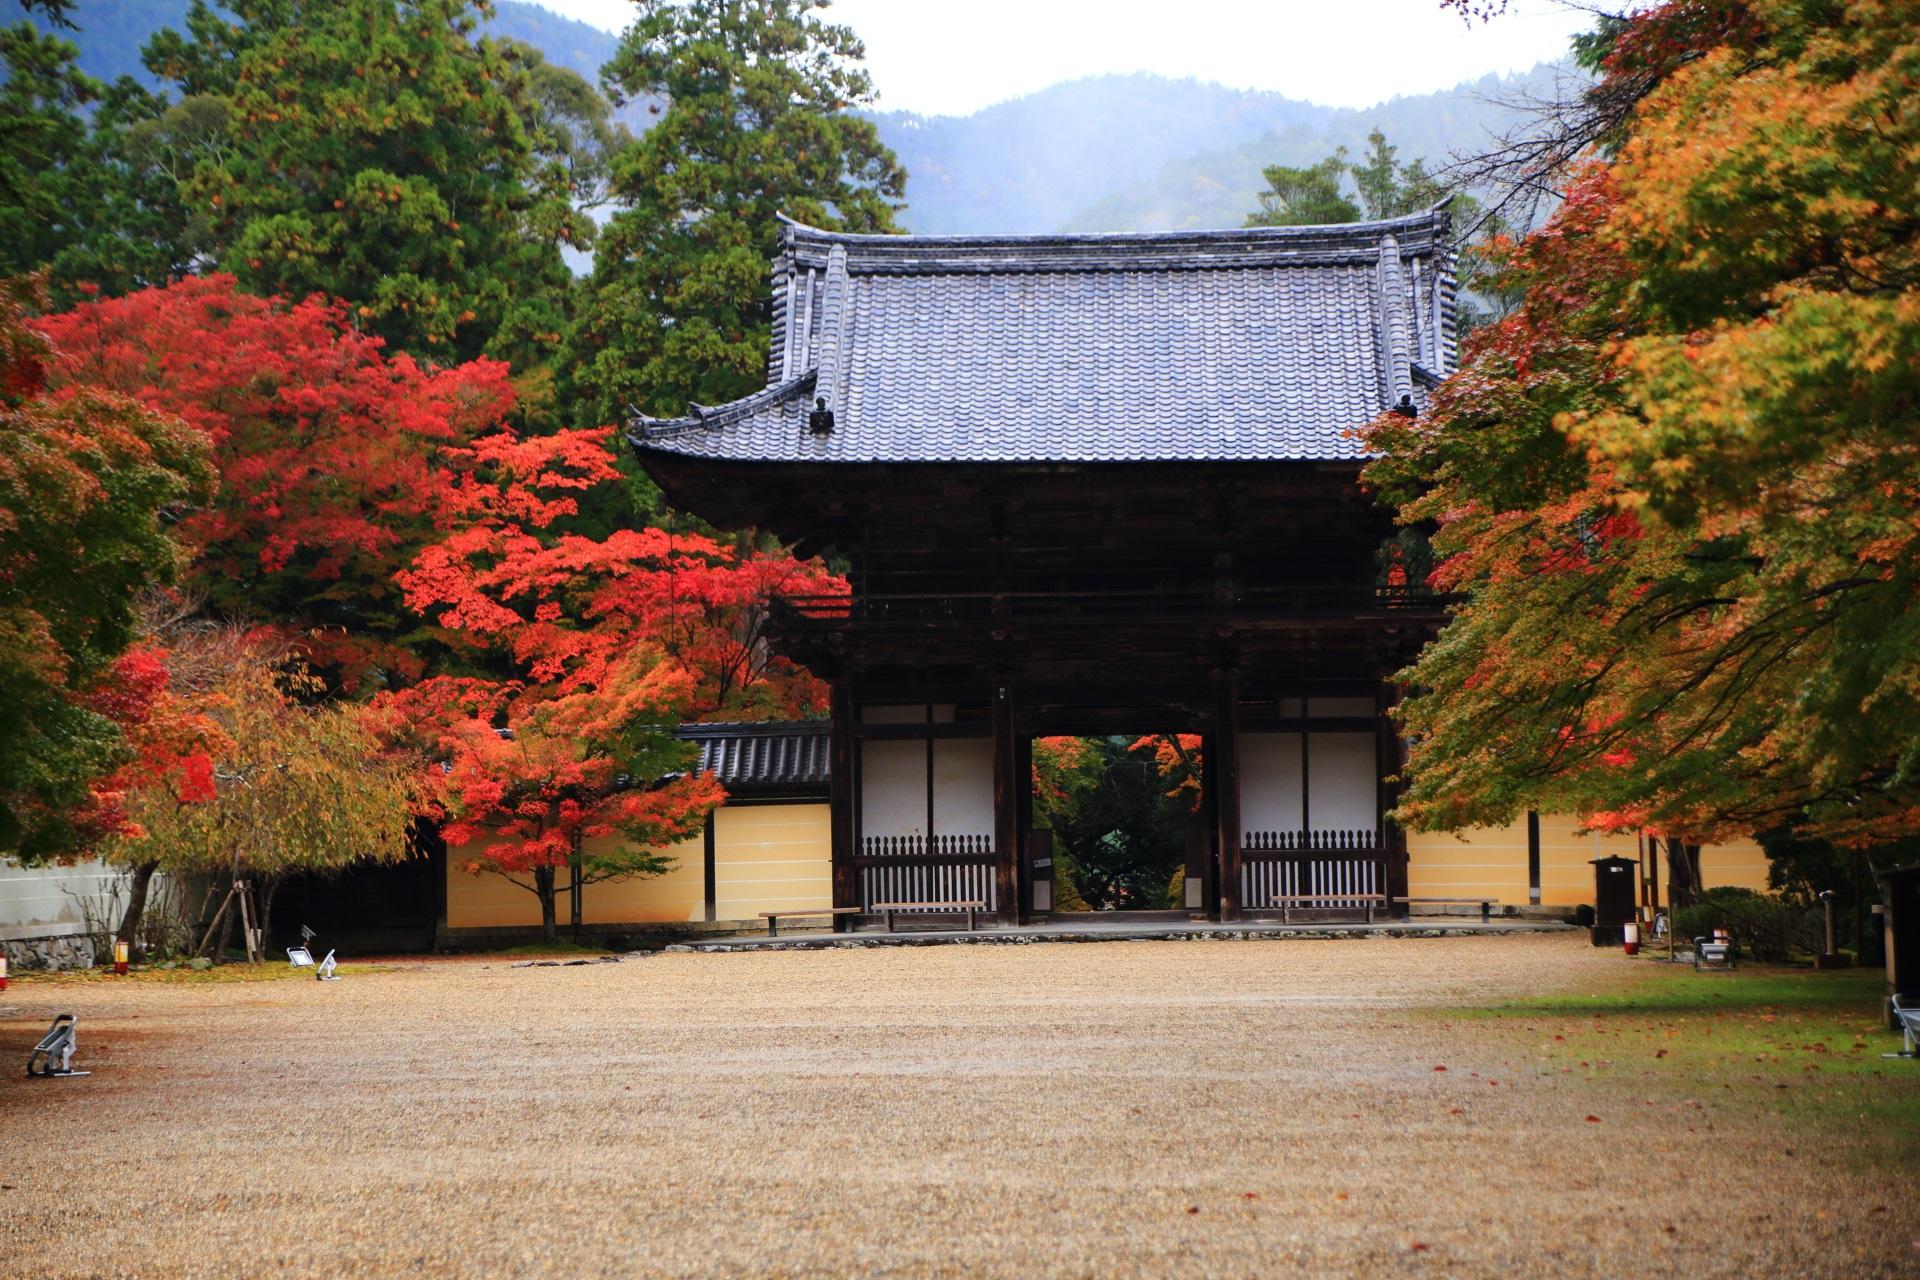 境内から眺めた楼門と紅葉